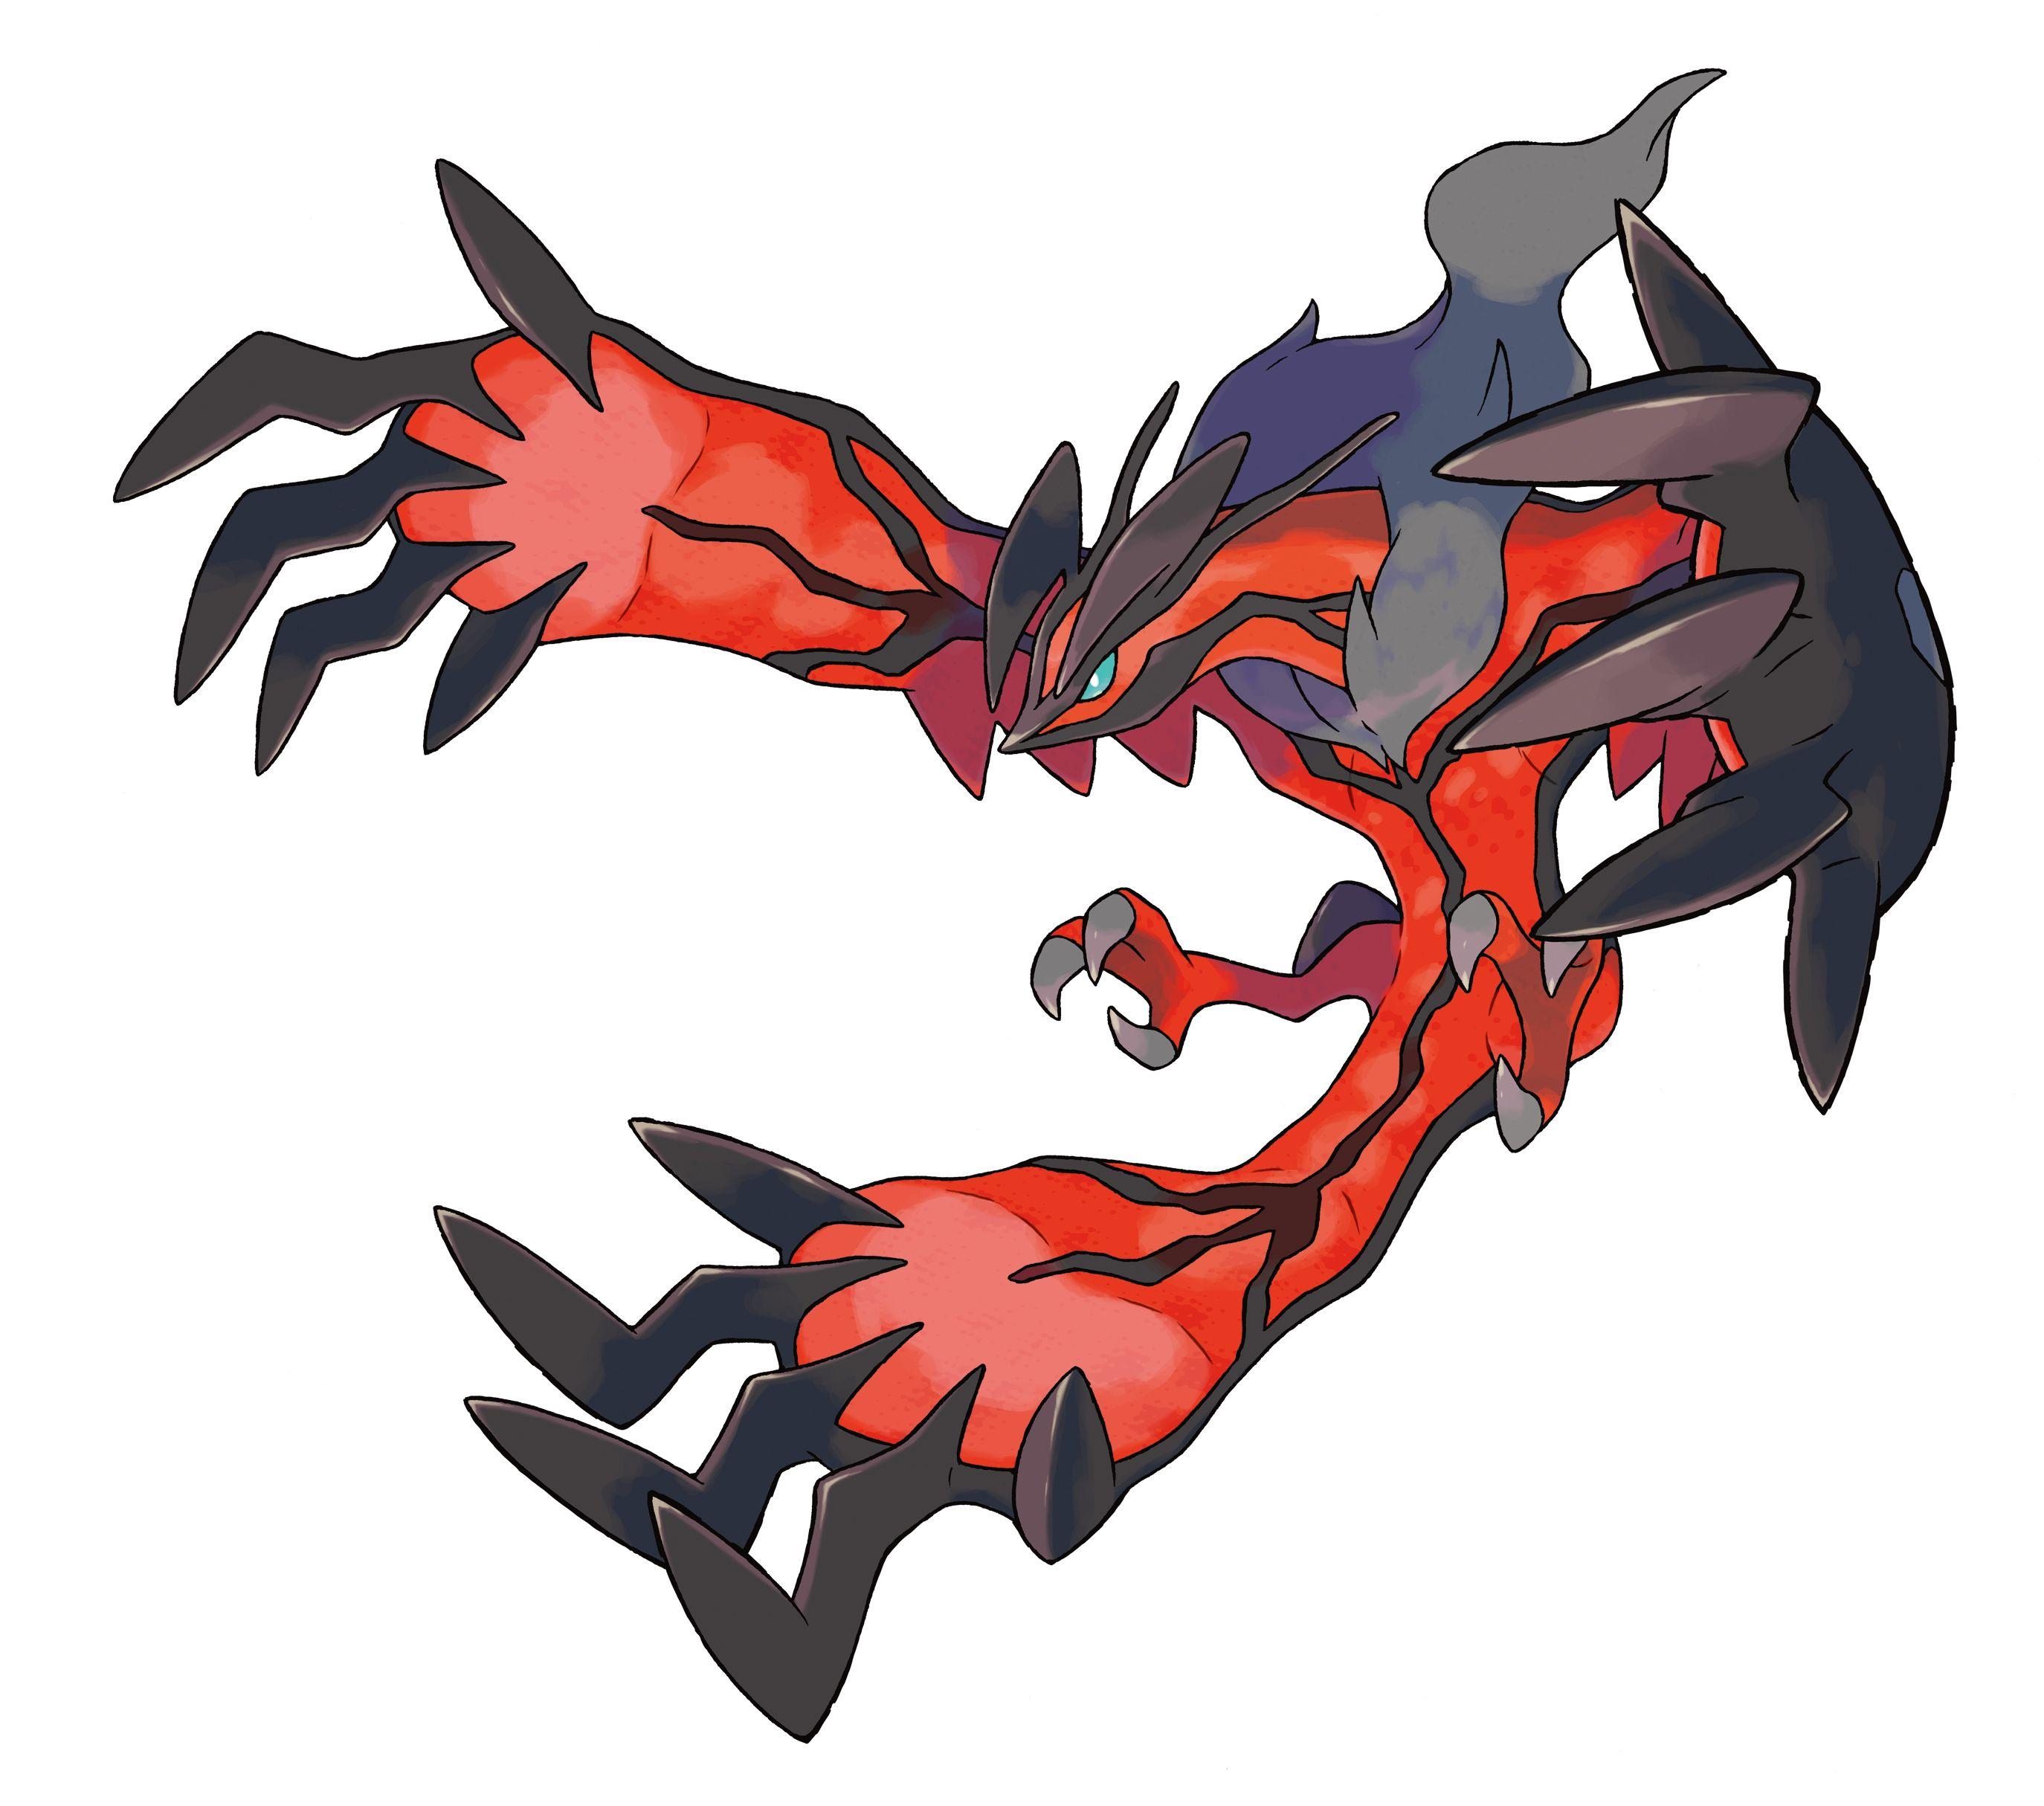 Ausmalbilder Kostenlos Pokemon X Y Http Www Ausmalbilder Co Ausmalbilder Kostenlos Pokemon X Y Pokemon Ausmalbilder Ausmalbilder Pokemon